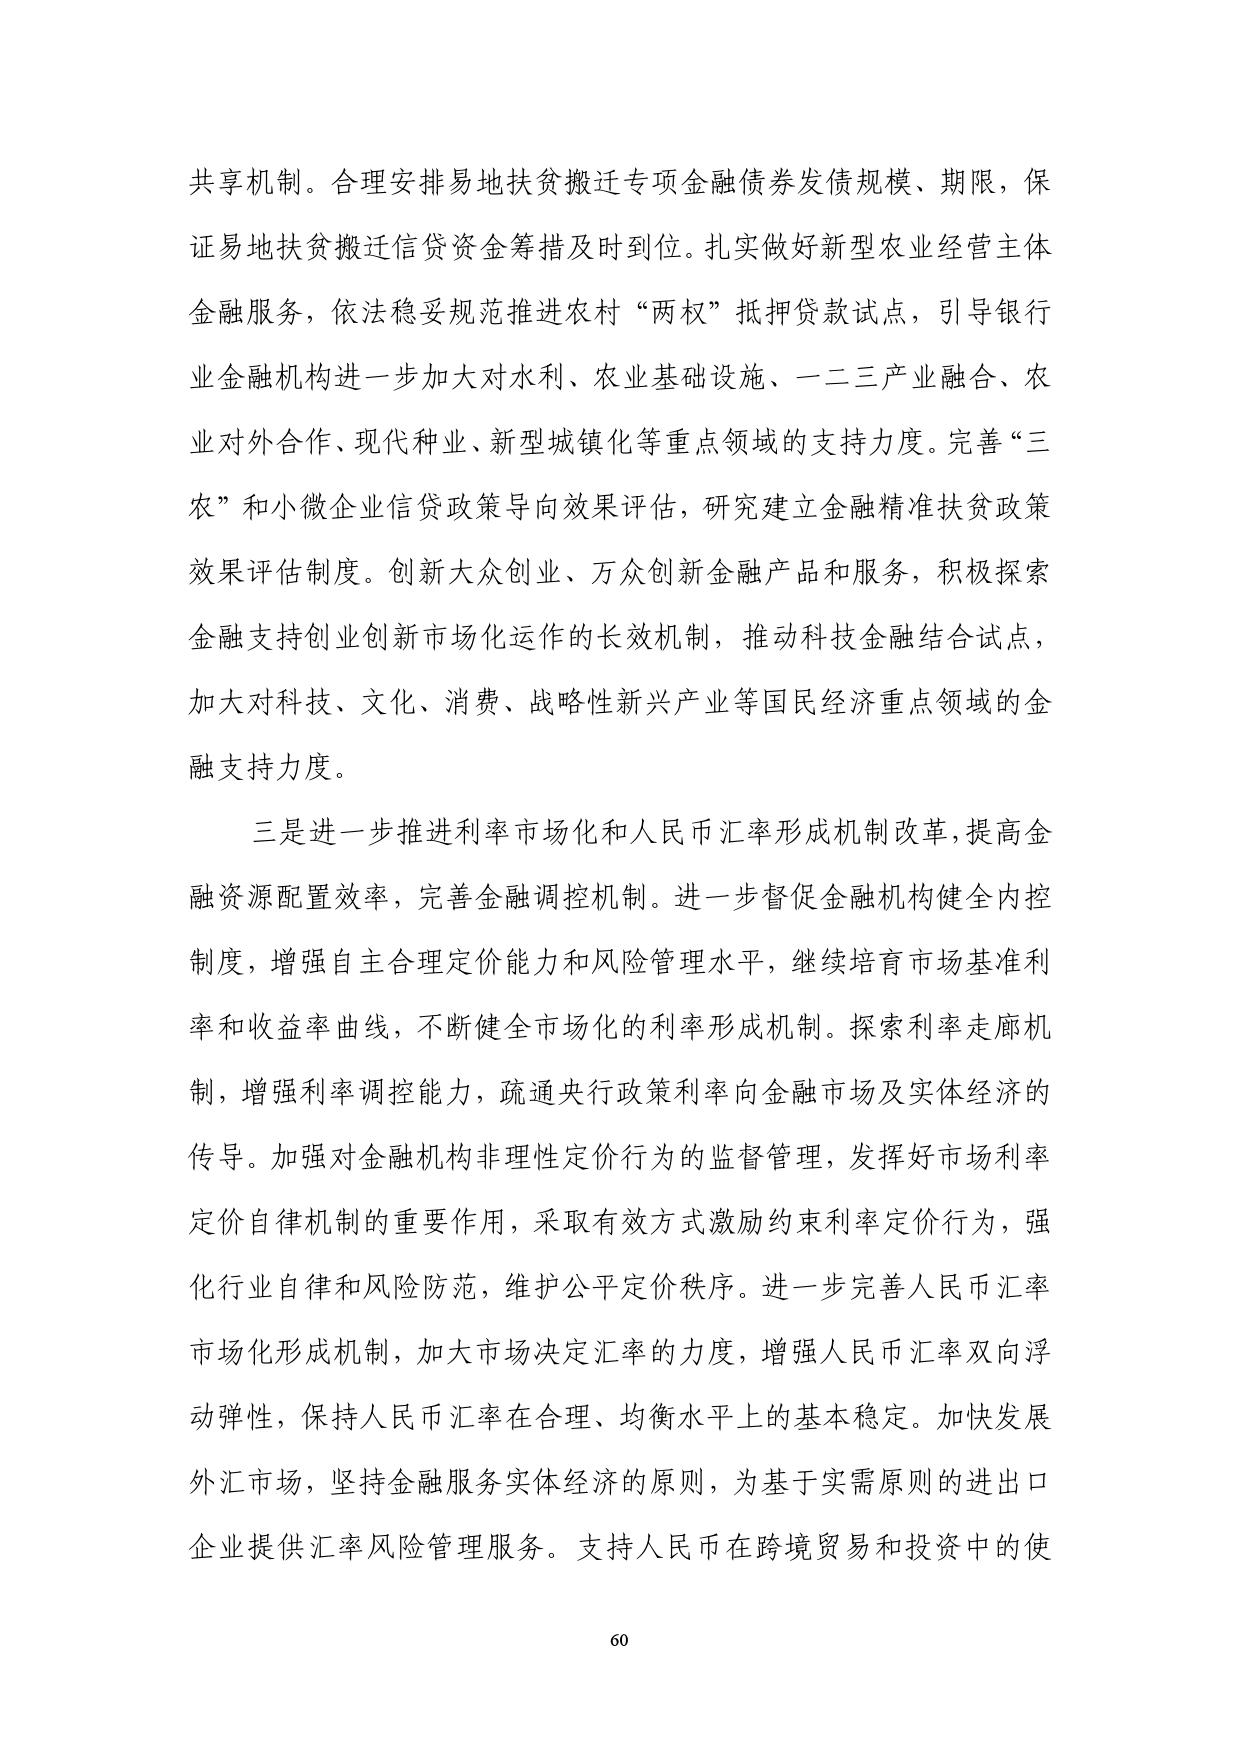 2016年Q2中国货币政策执行报告_000066